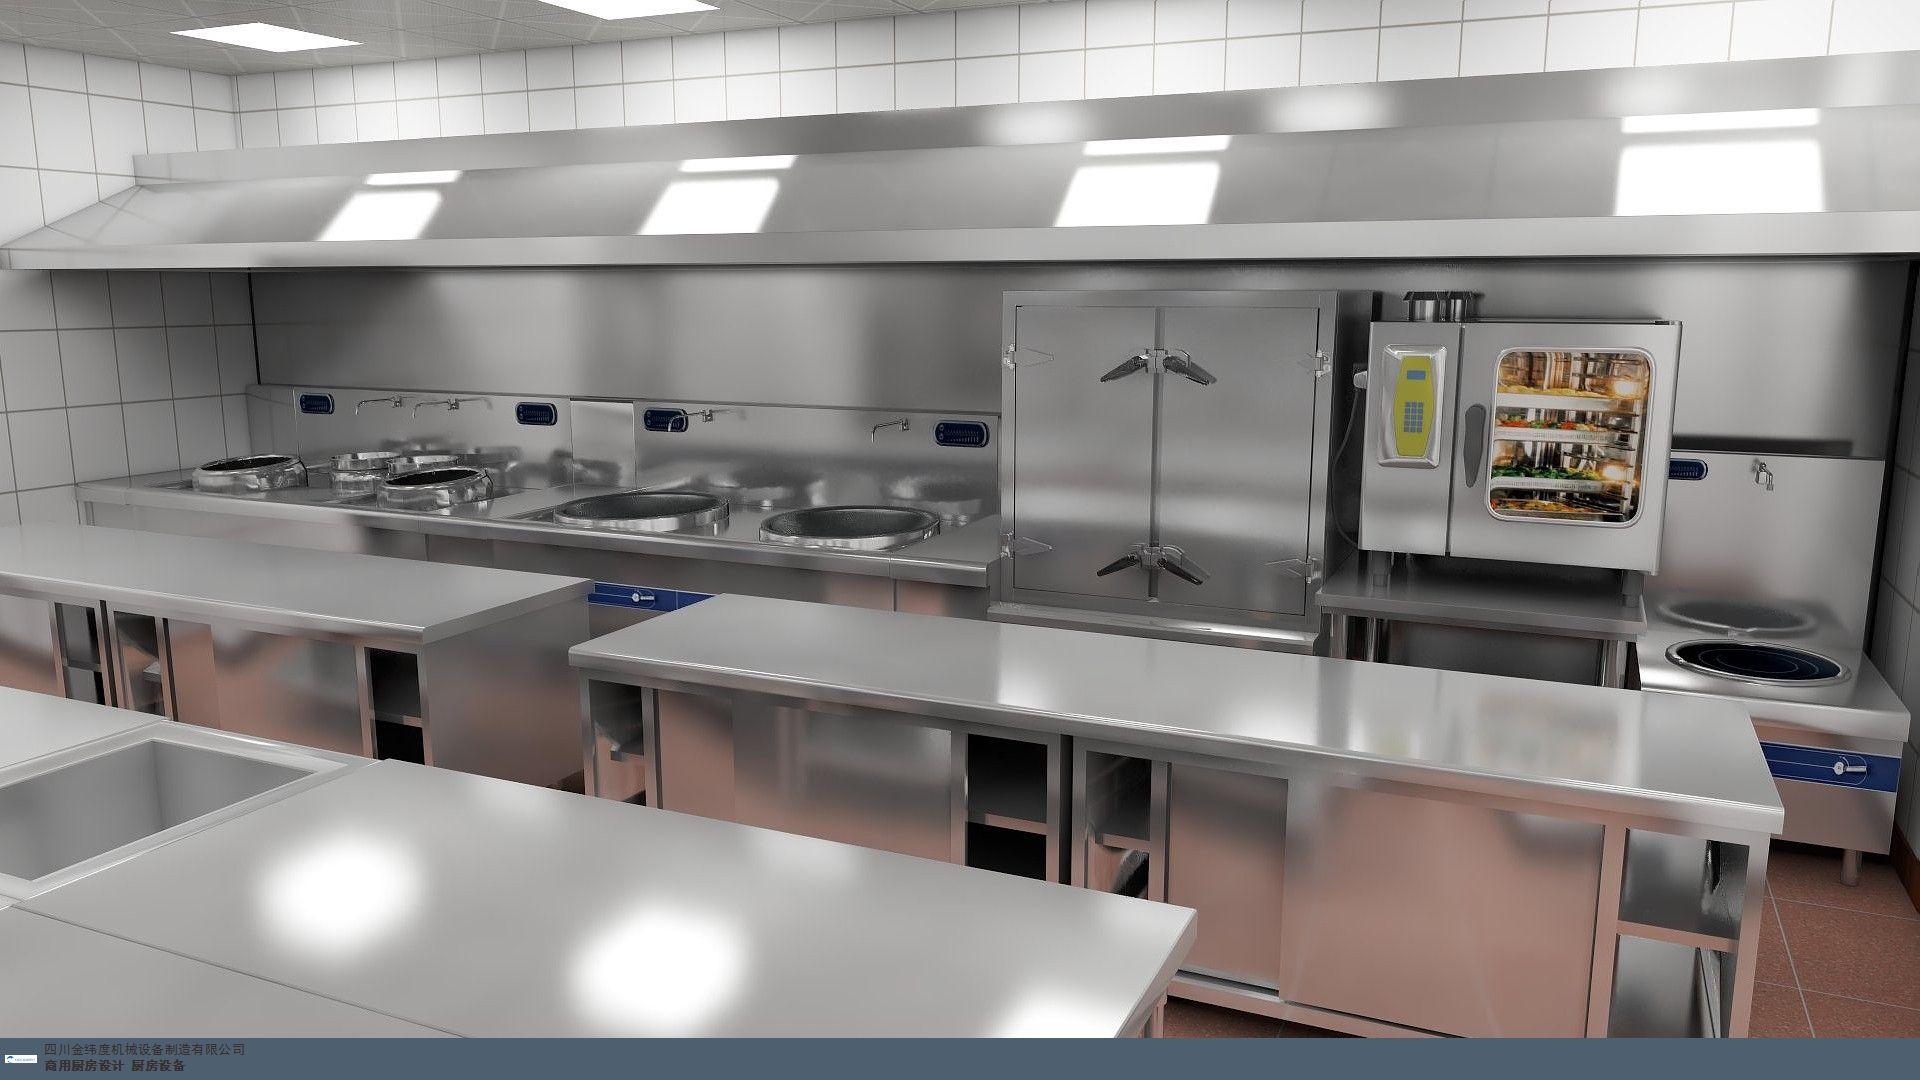 厨房设备自动灭火装配的灭火原理